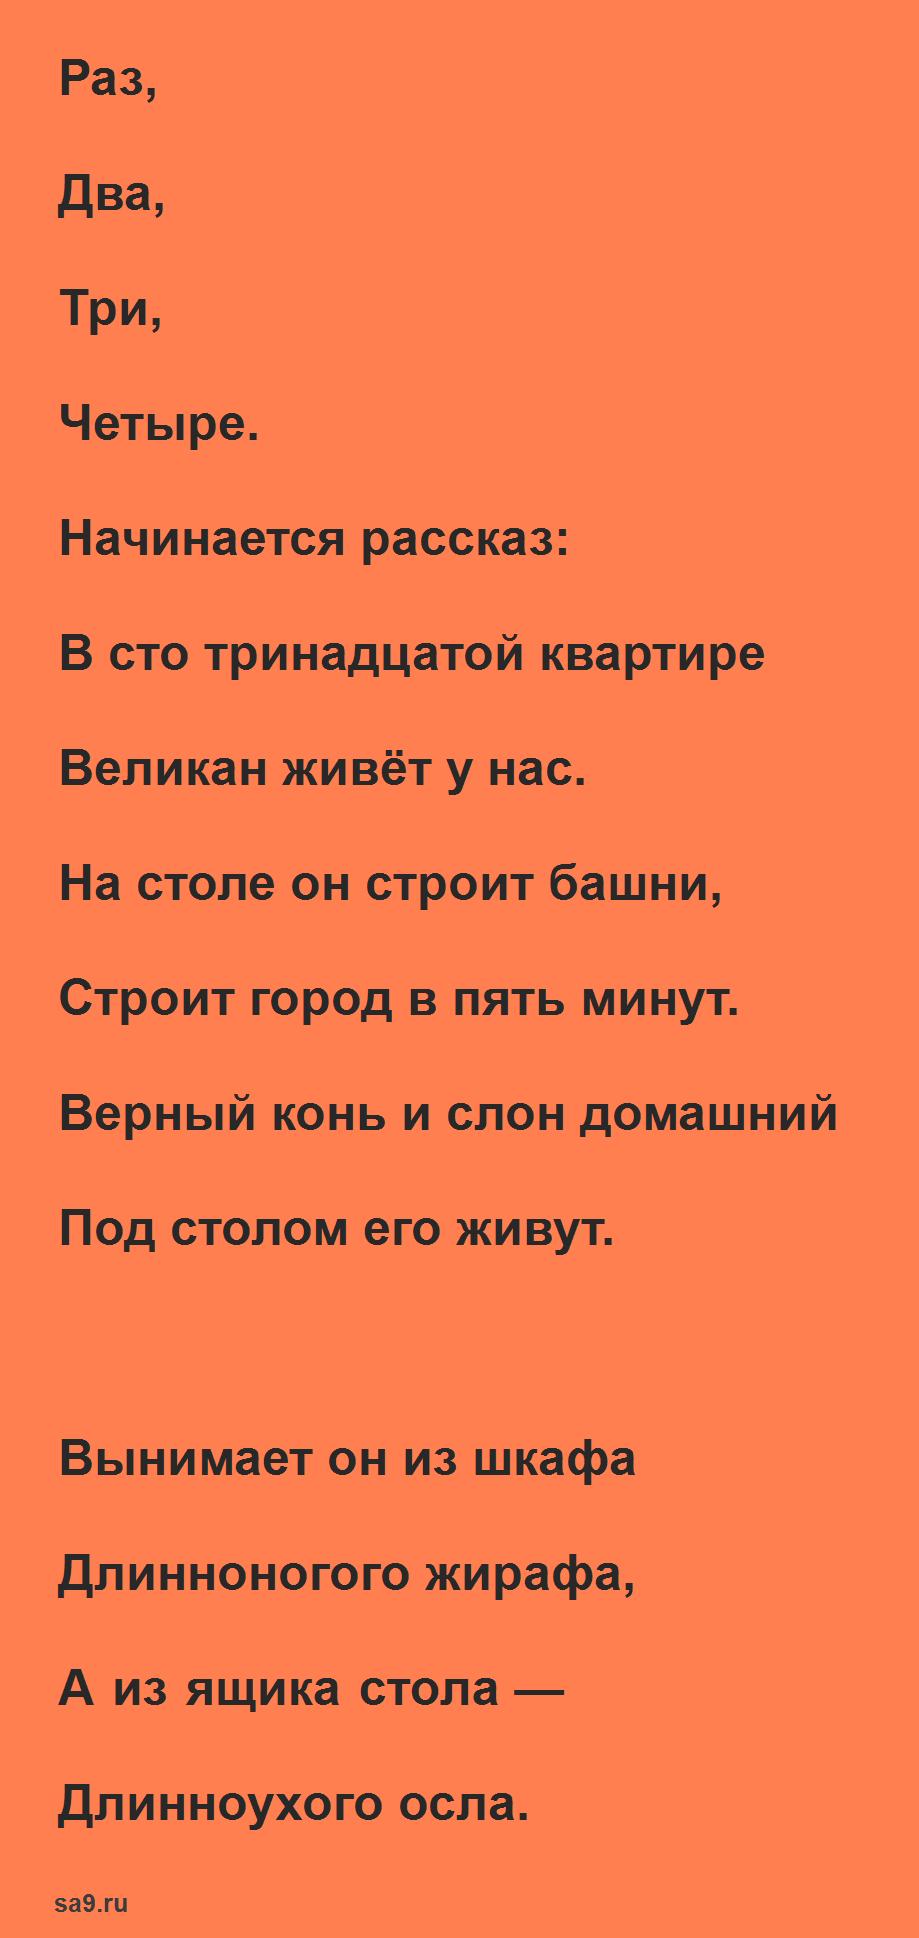 Шуточные стихи - Великан, Маршак